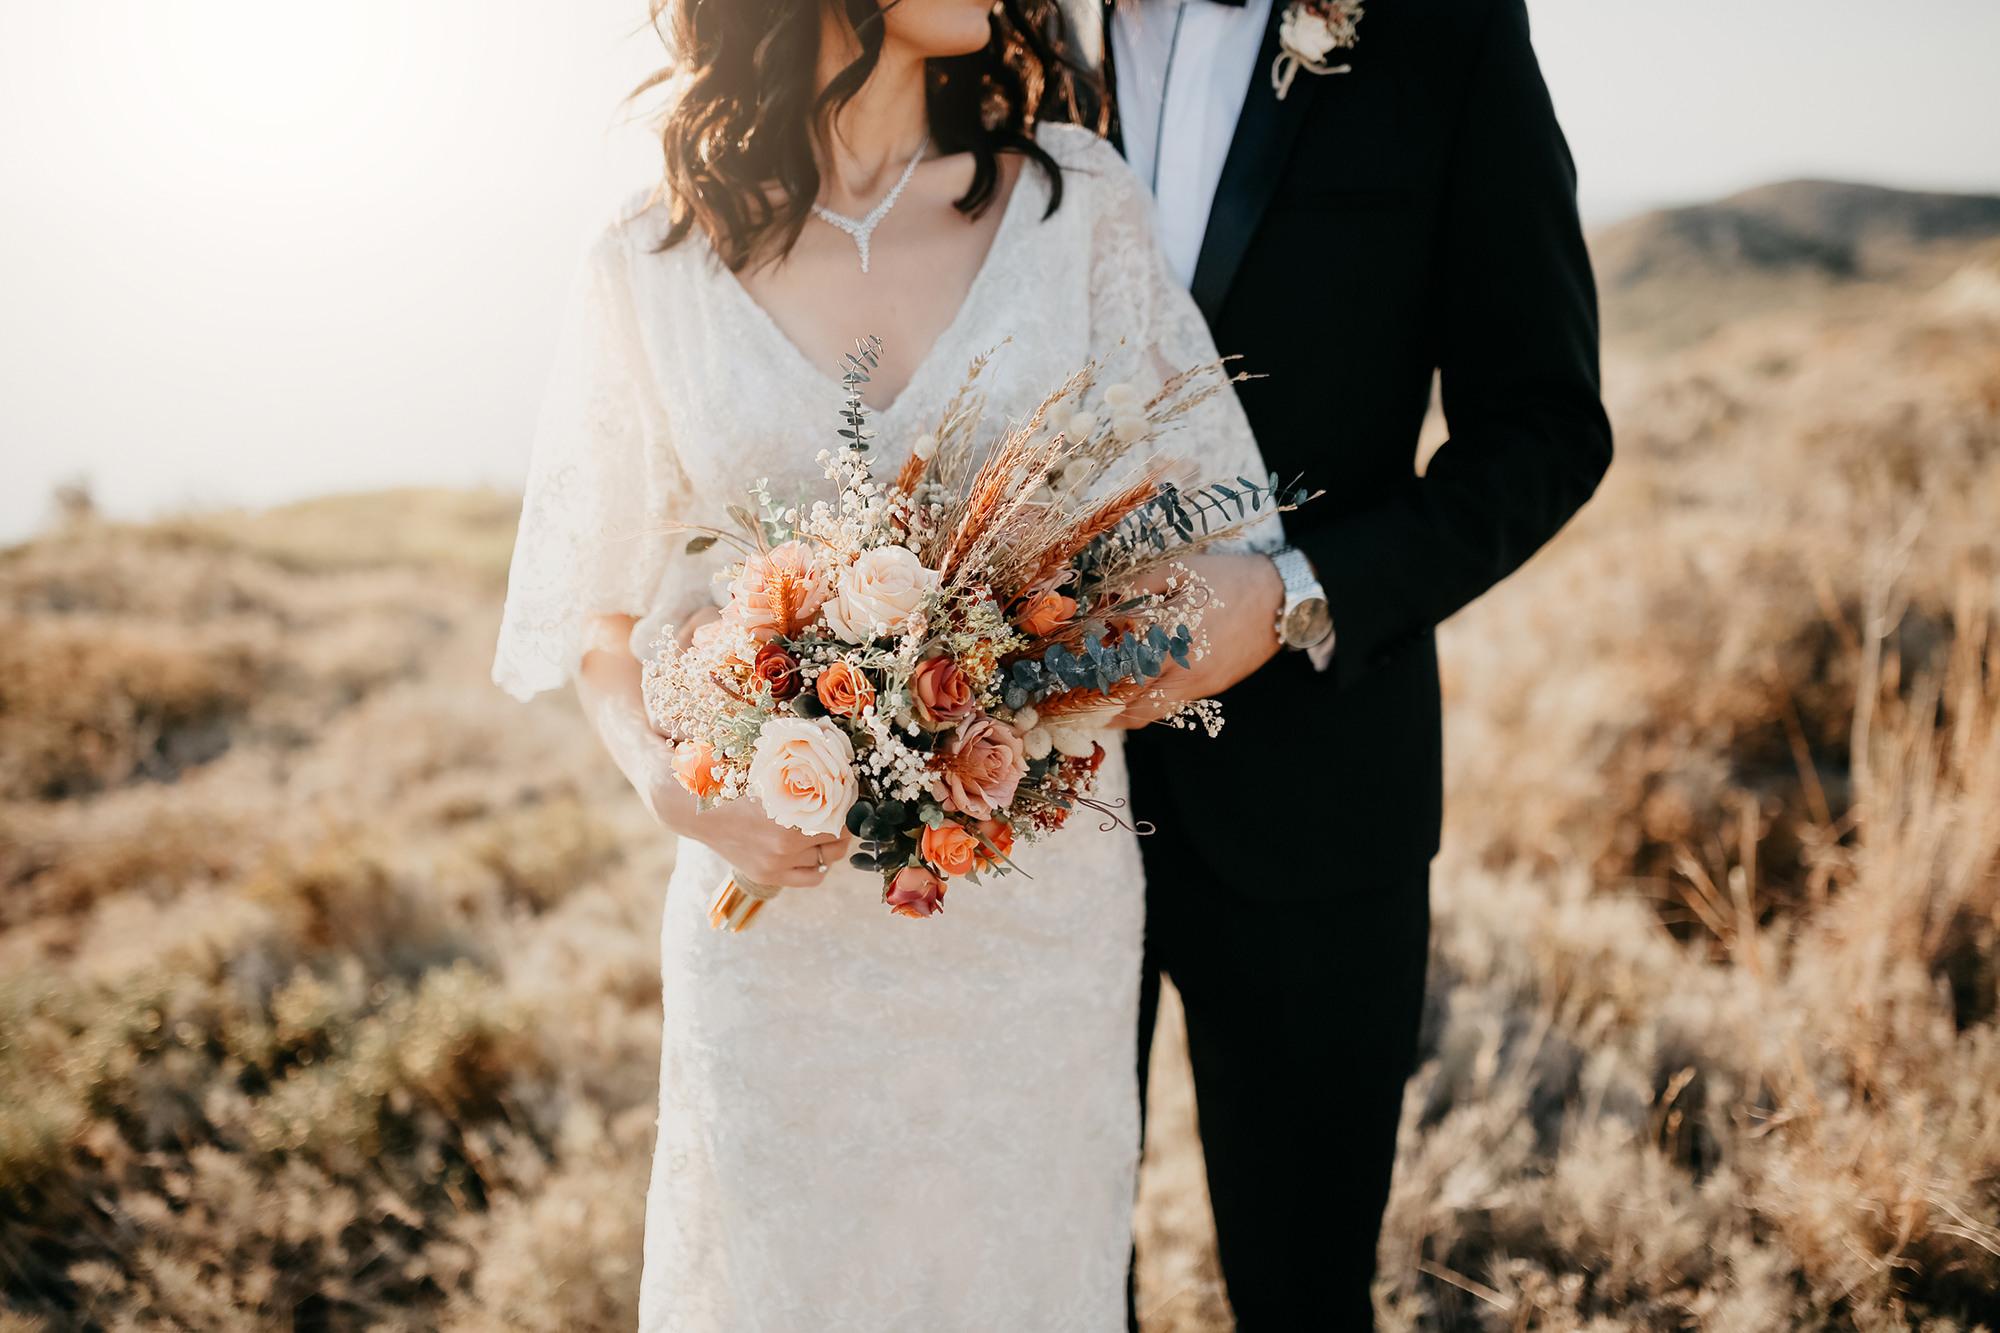 Vintage-Hochzeit: Tipps Für Das Motto, Die Deko Und Das Kleid